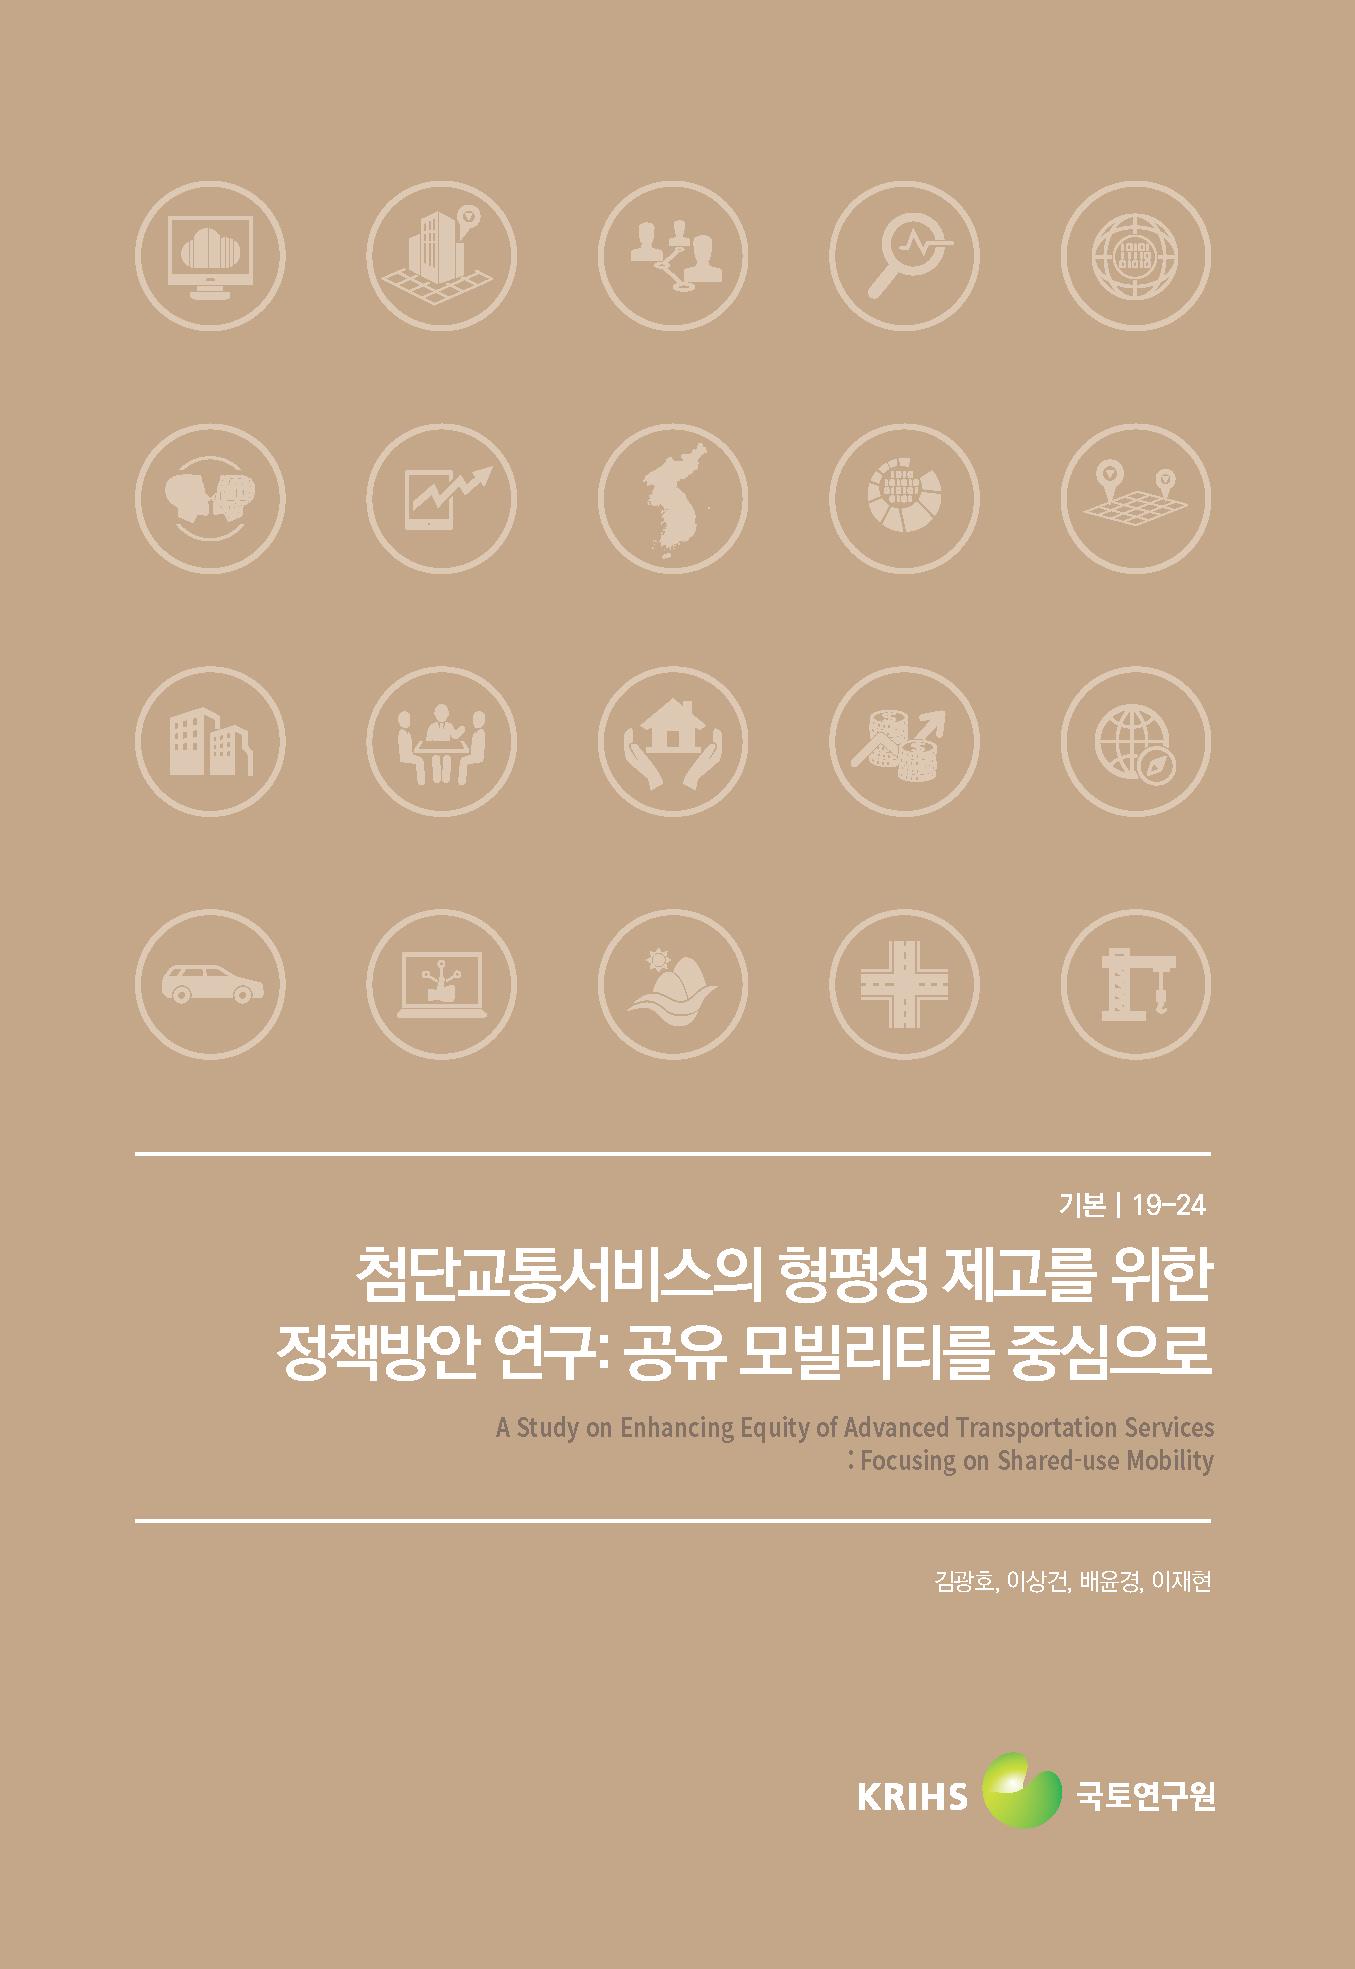 첨단교통서비스의 형평성 제고를 위한 정책방안 연구: 공유 모빌리티를 중심으로표지